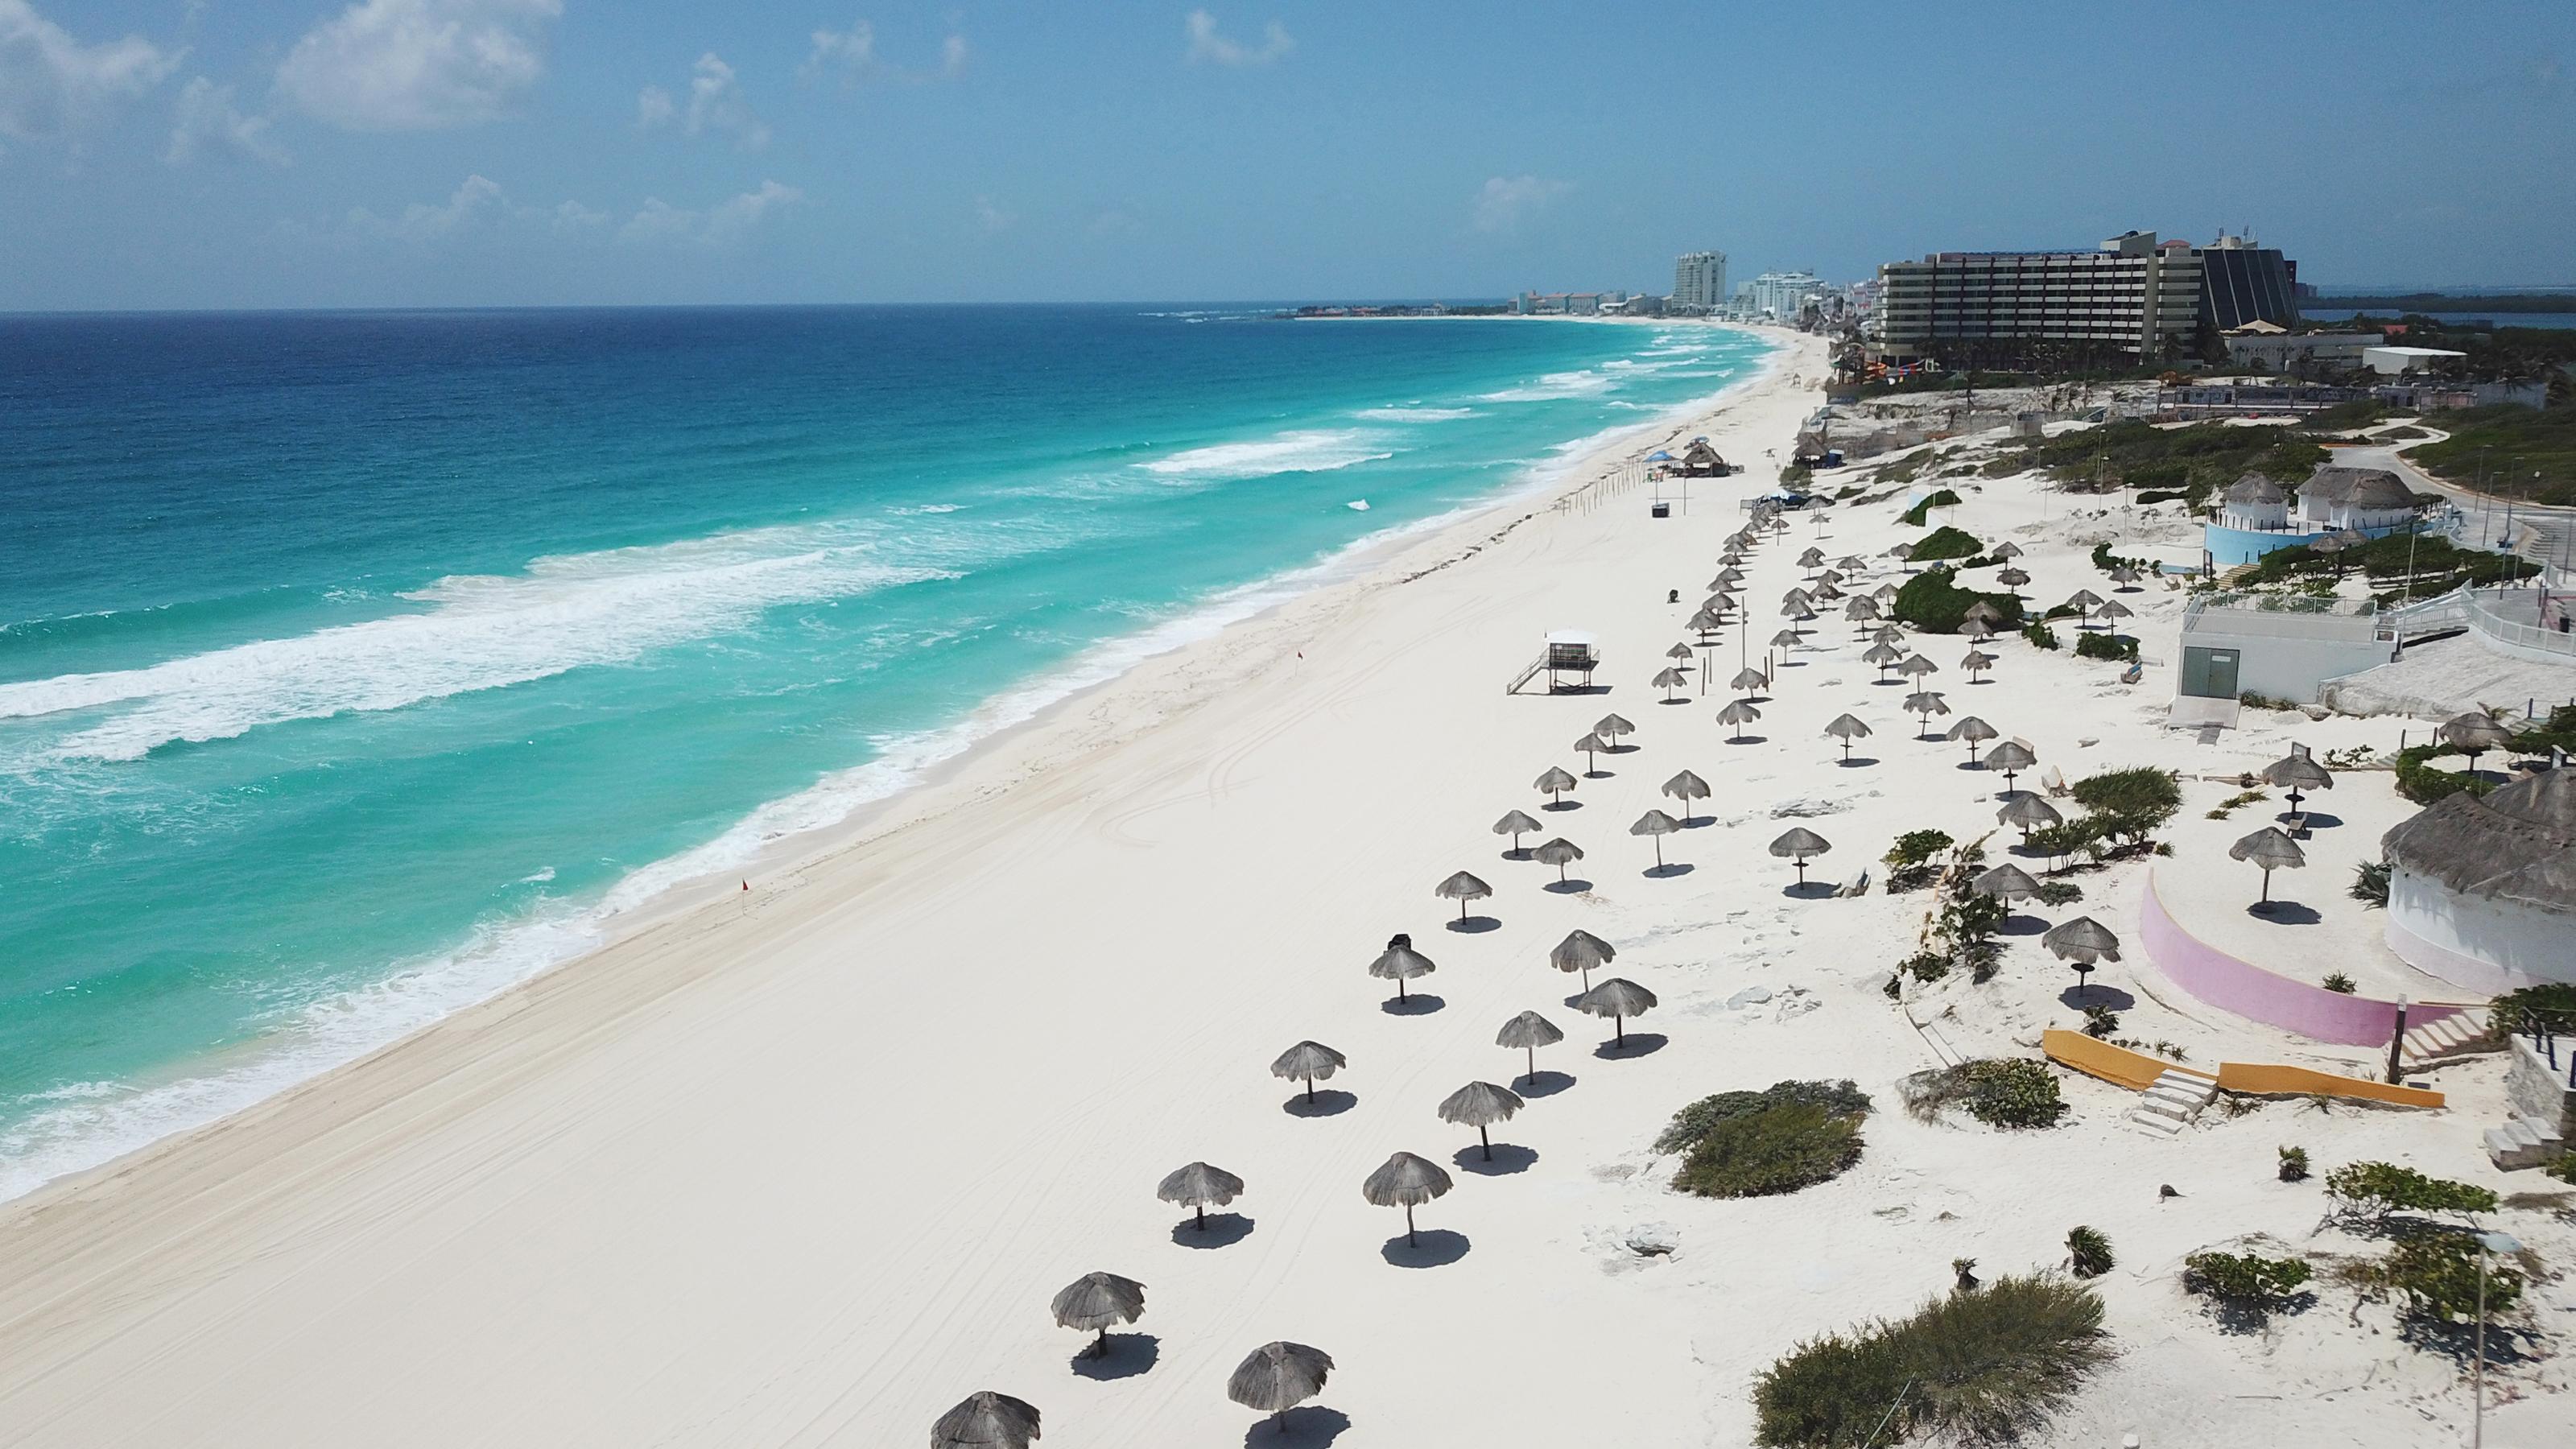 Ofrecen hospedaje gratis en Cancún para viajar después de la pandemia